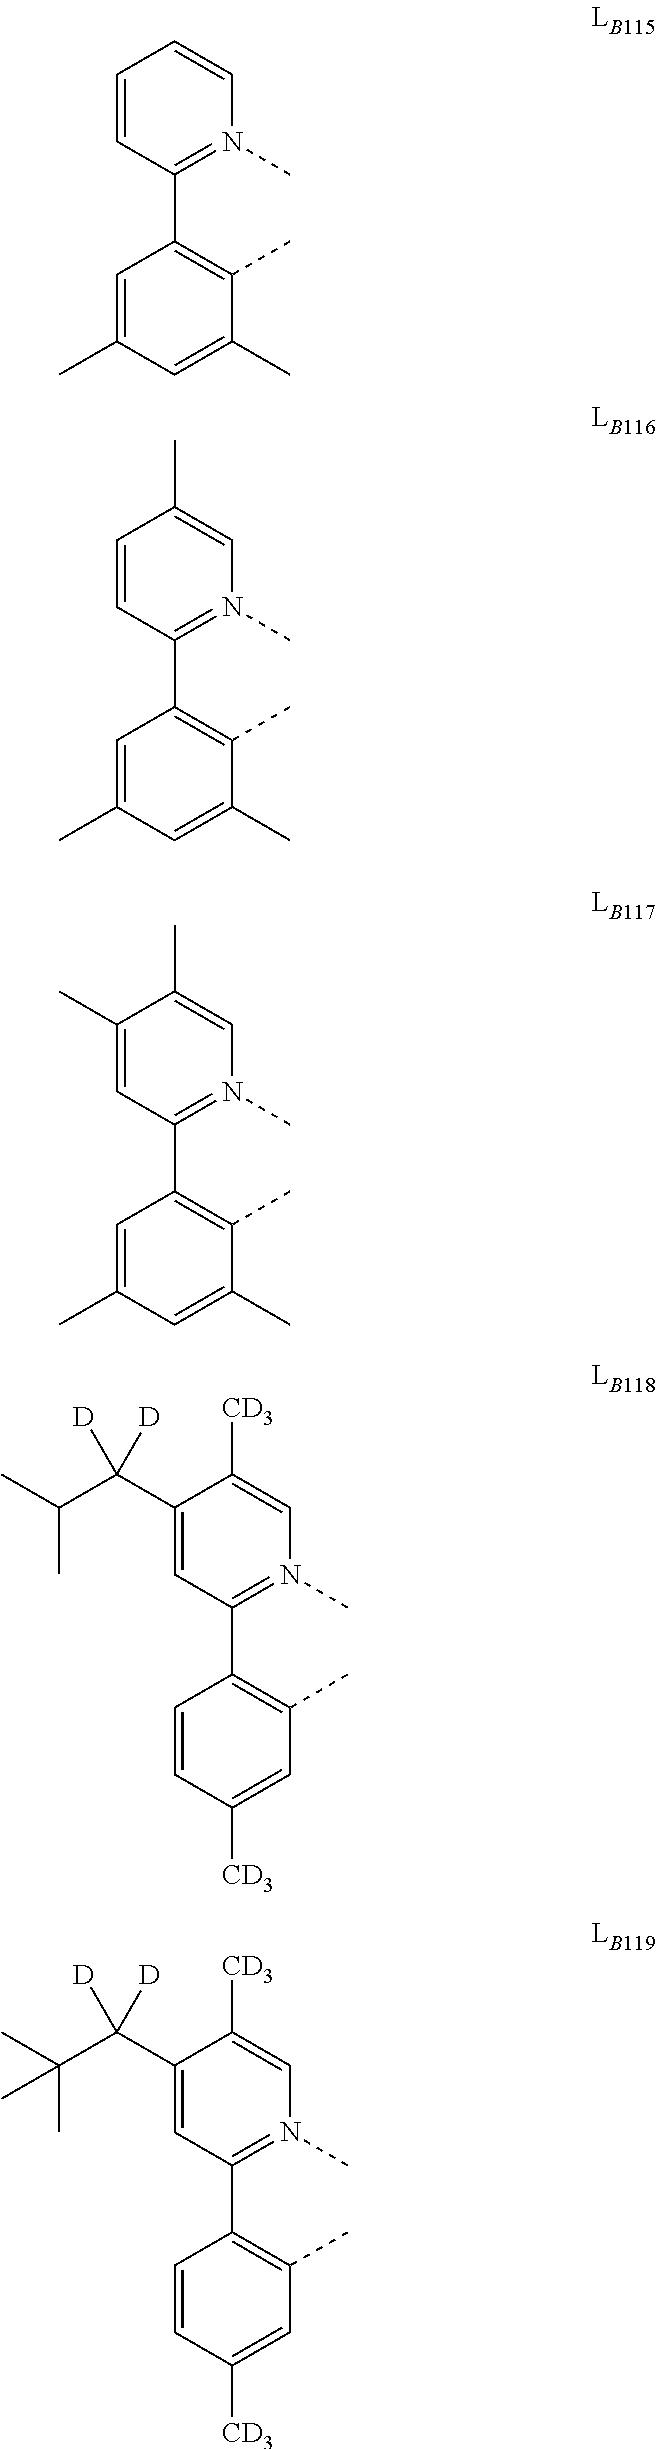 Figure US20180130962A1-20180510-C00282